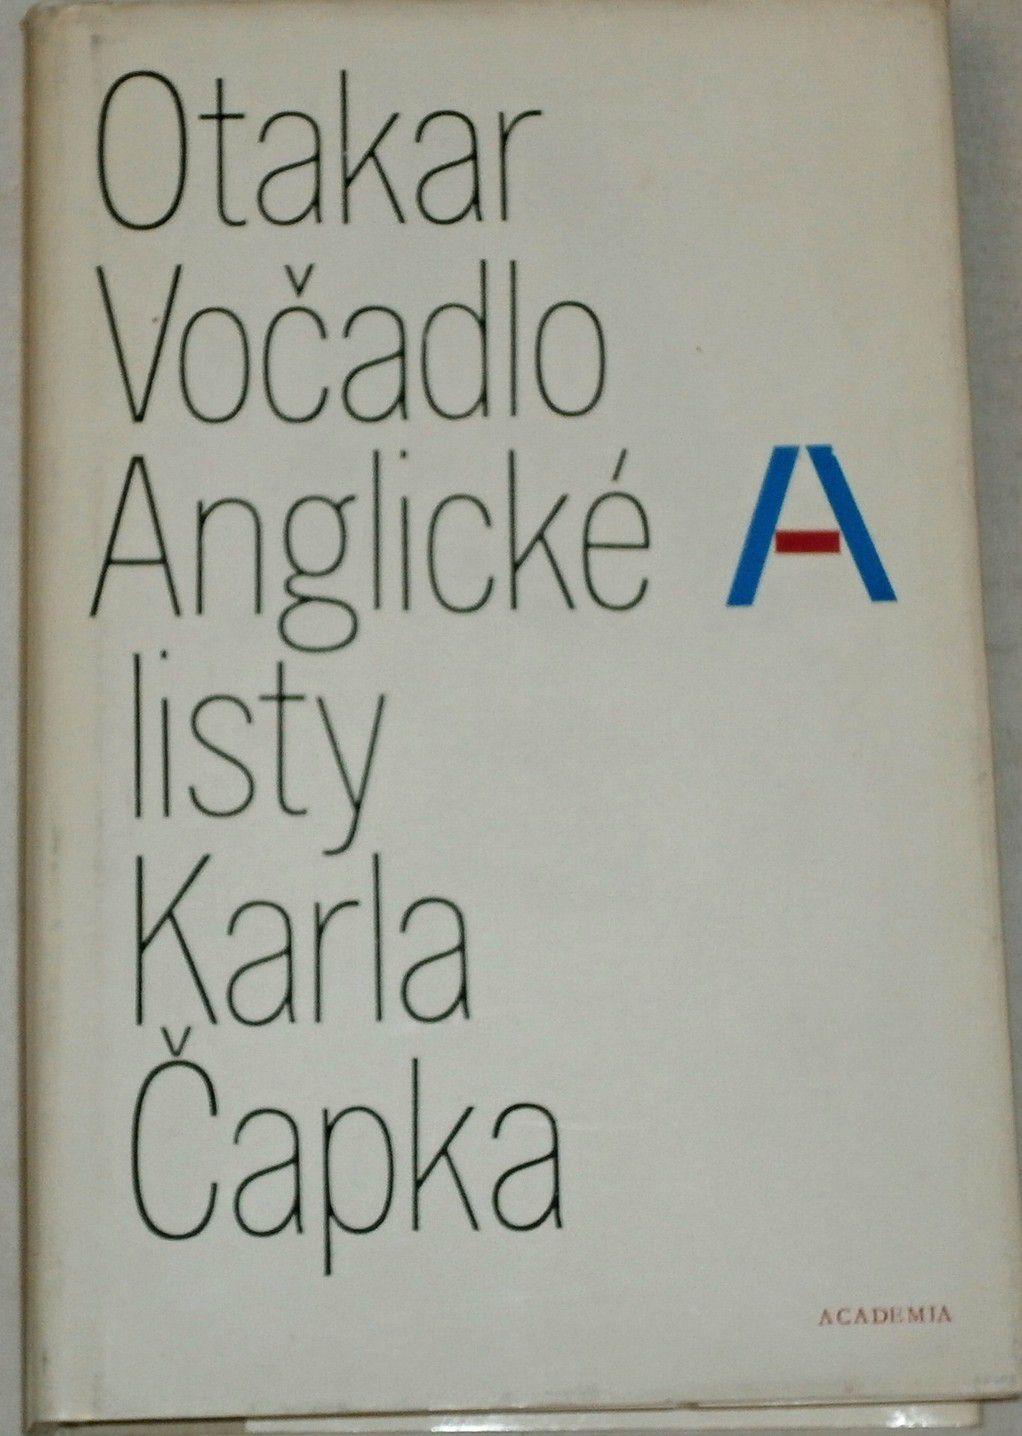 Vočadlo Otakar - Anglické listy Karla Čapka